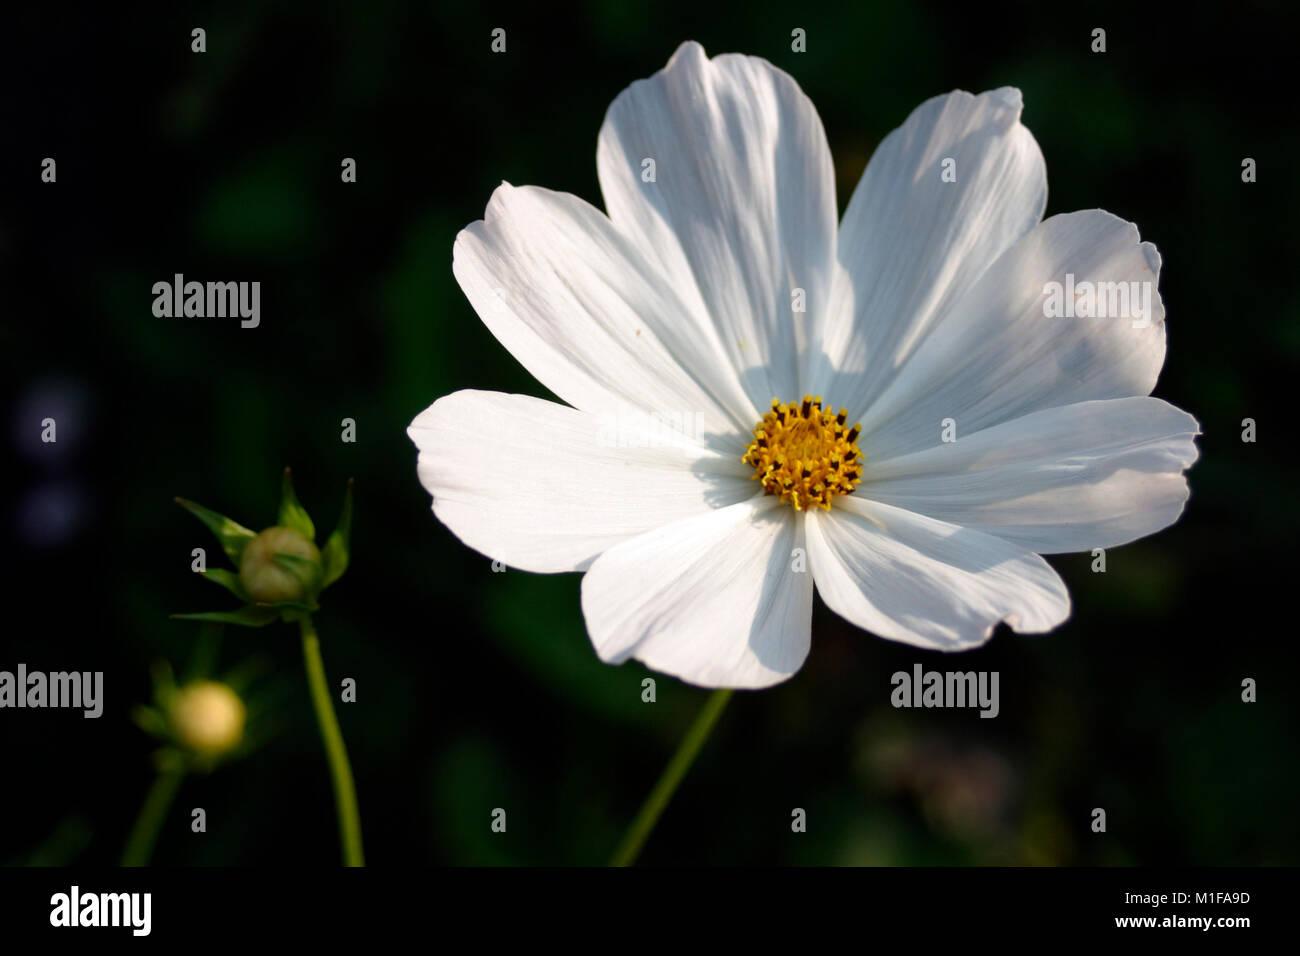 A Single White Cosmos Flower In A Garden Border Stock Photo